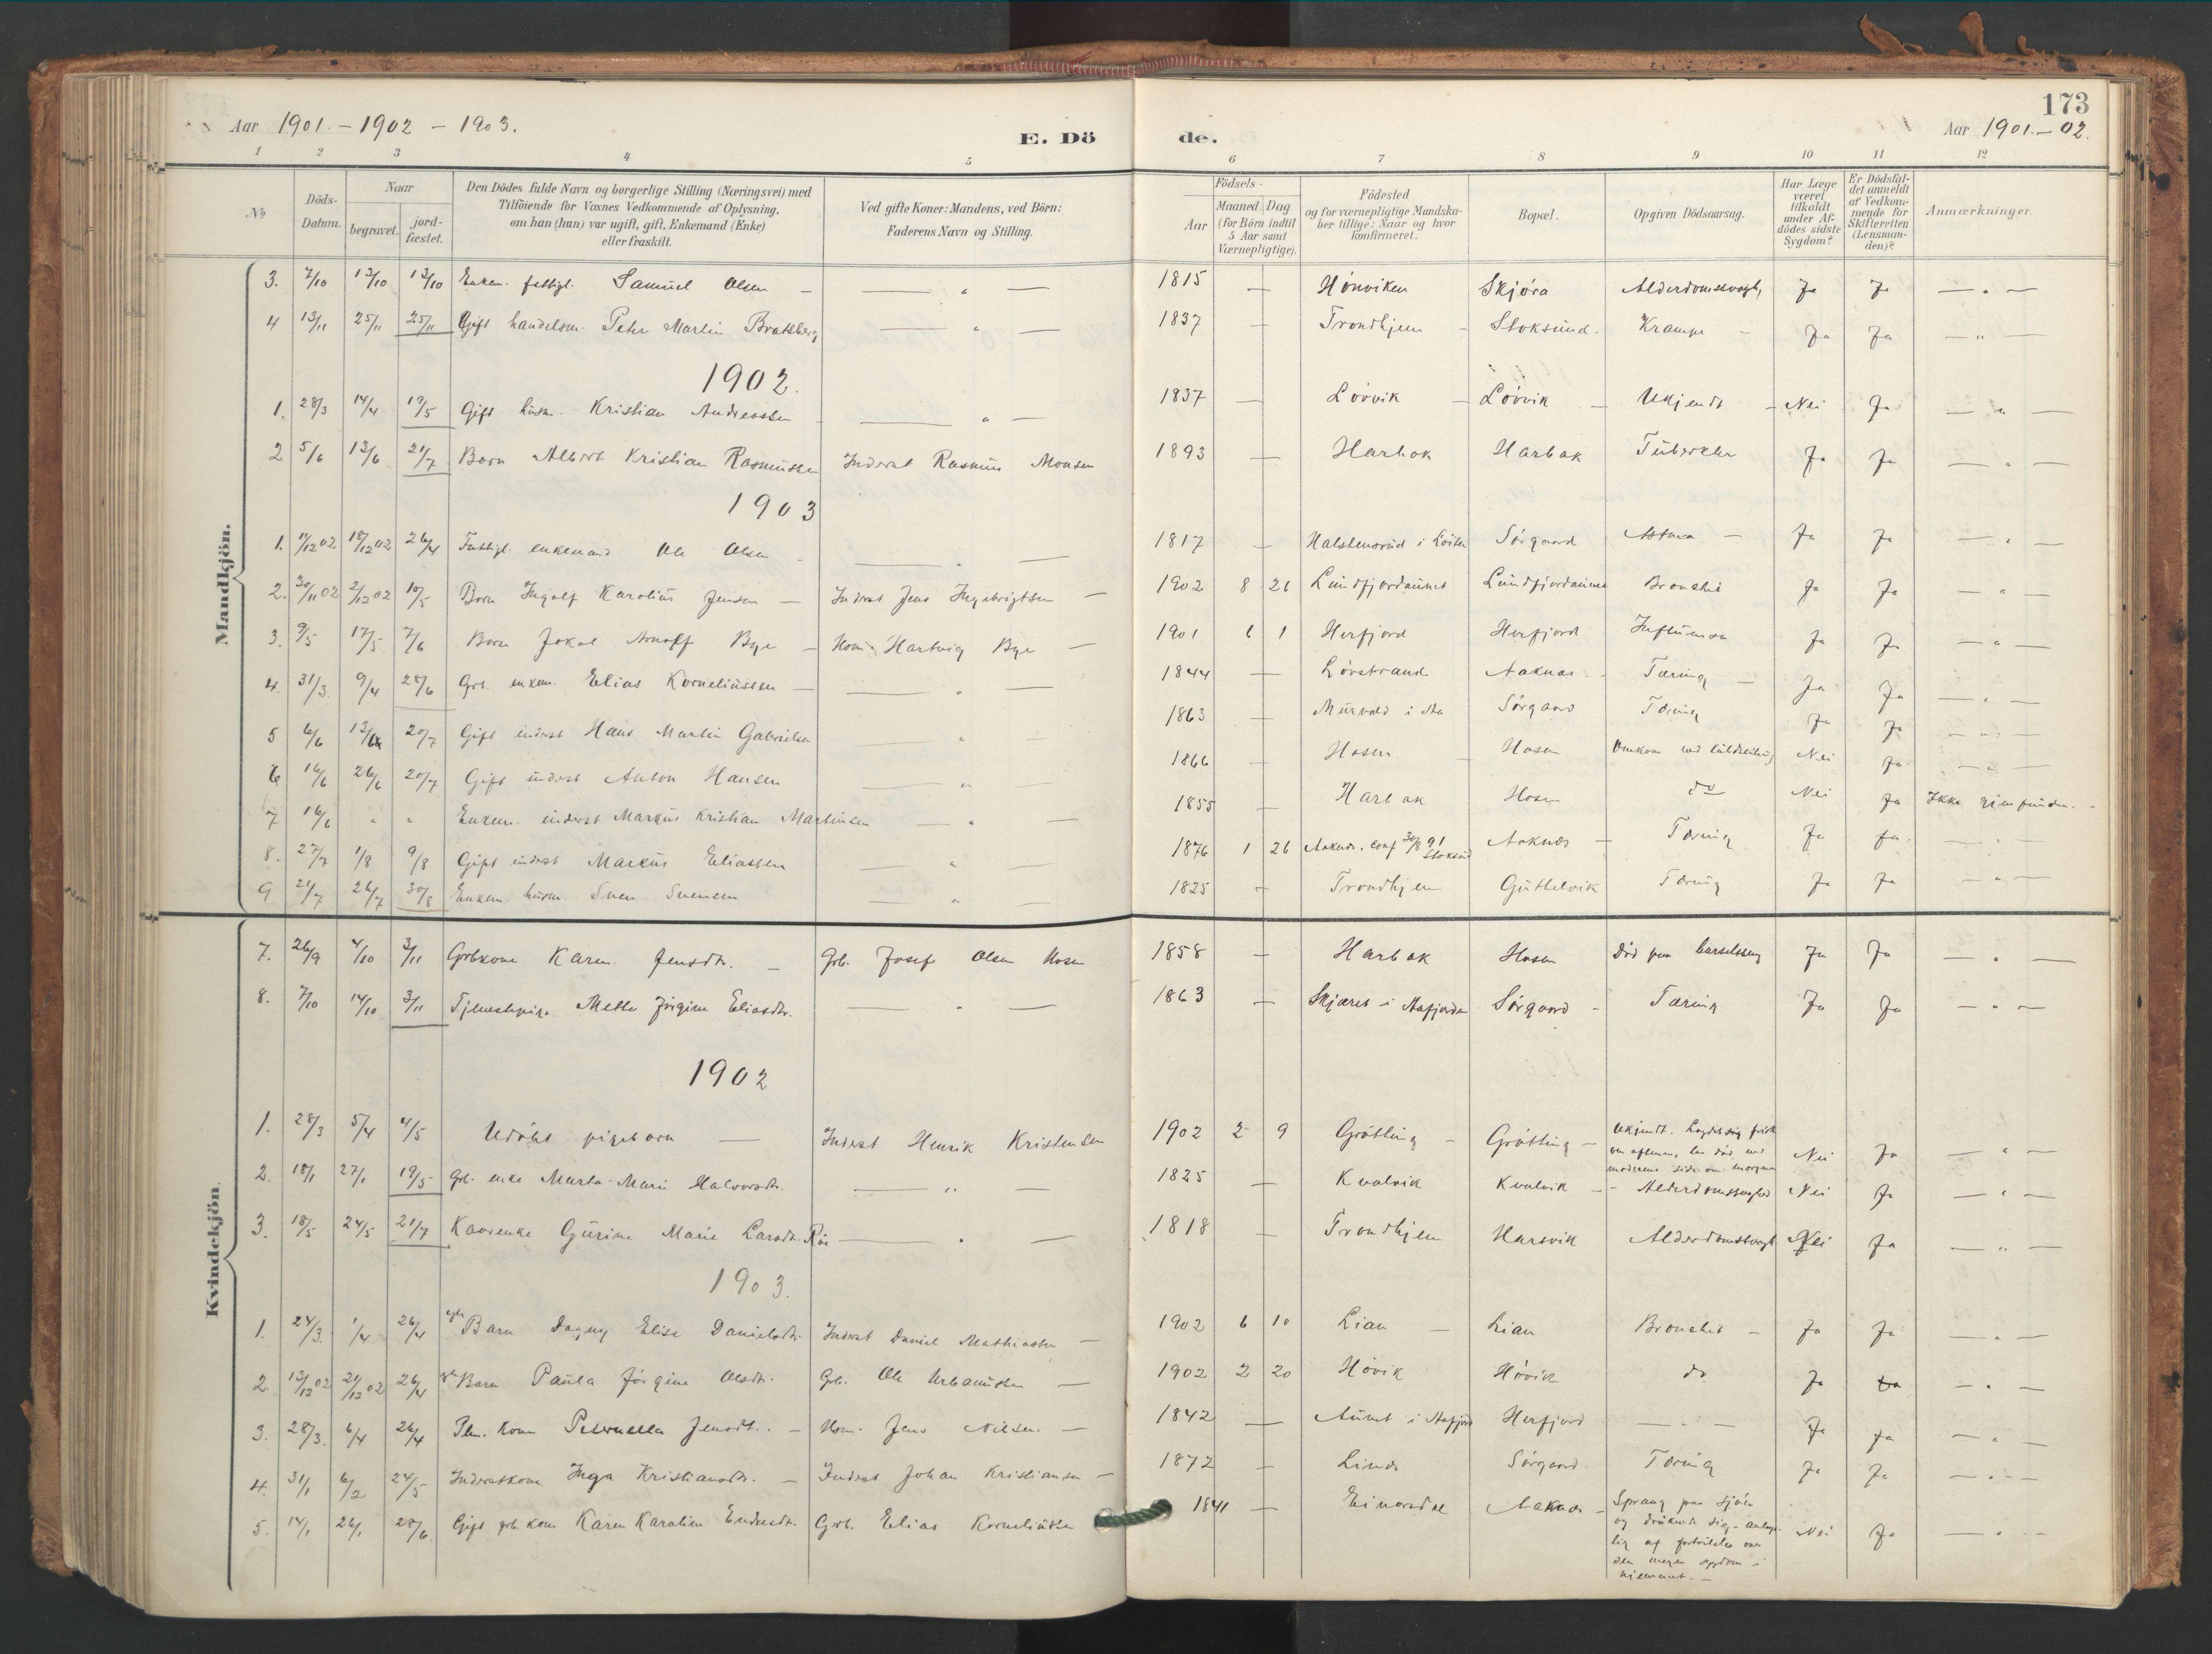 SAT, Ministerialprotokoller, klokkerbøker og fødselsregistre - Sør-Trøndelag, 656/L0693: Ministerialbok nr. 656A02, 1894-1913, s. 173